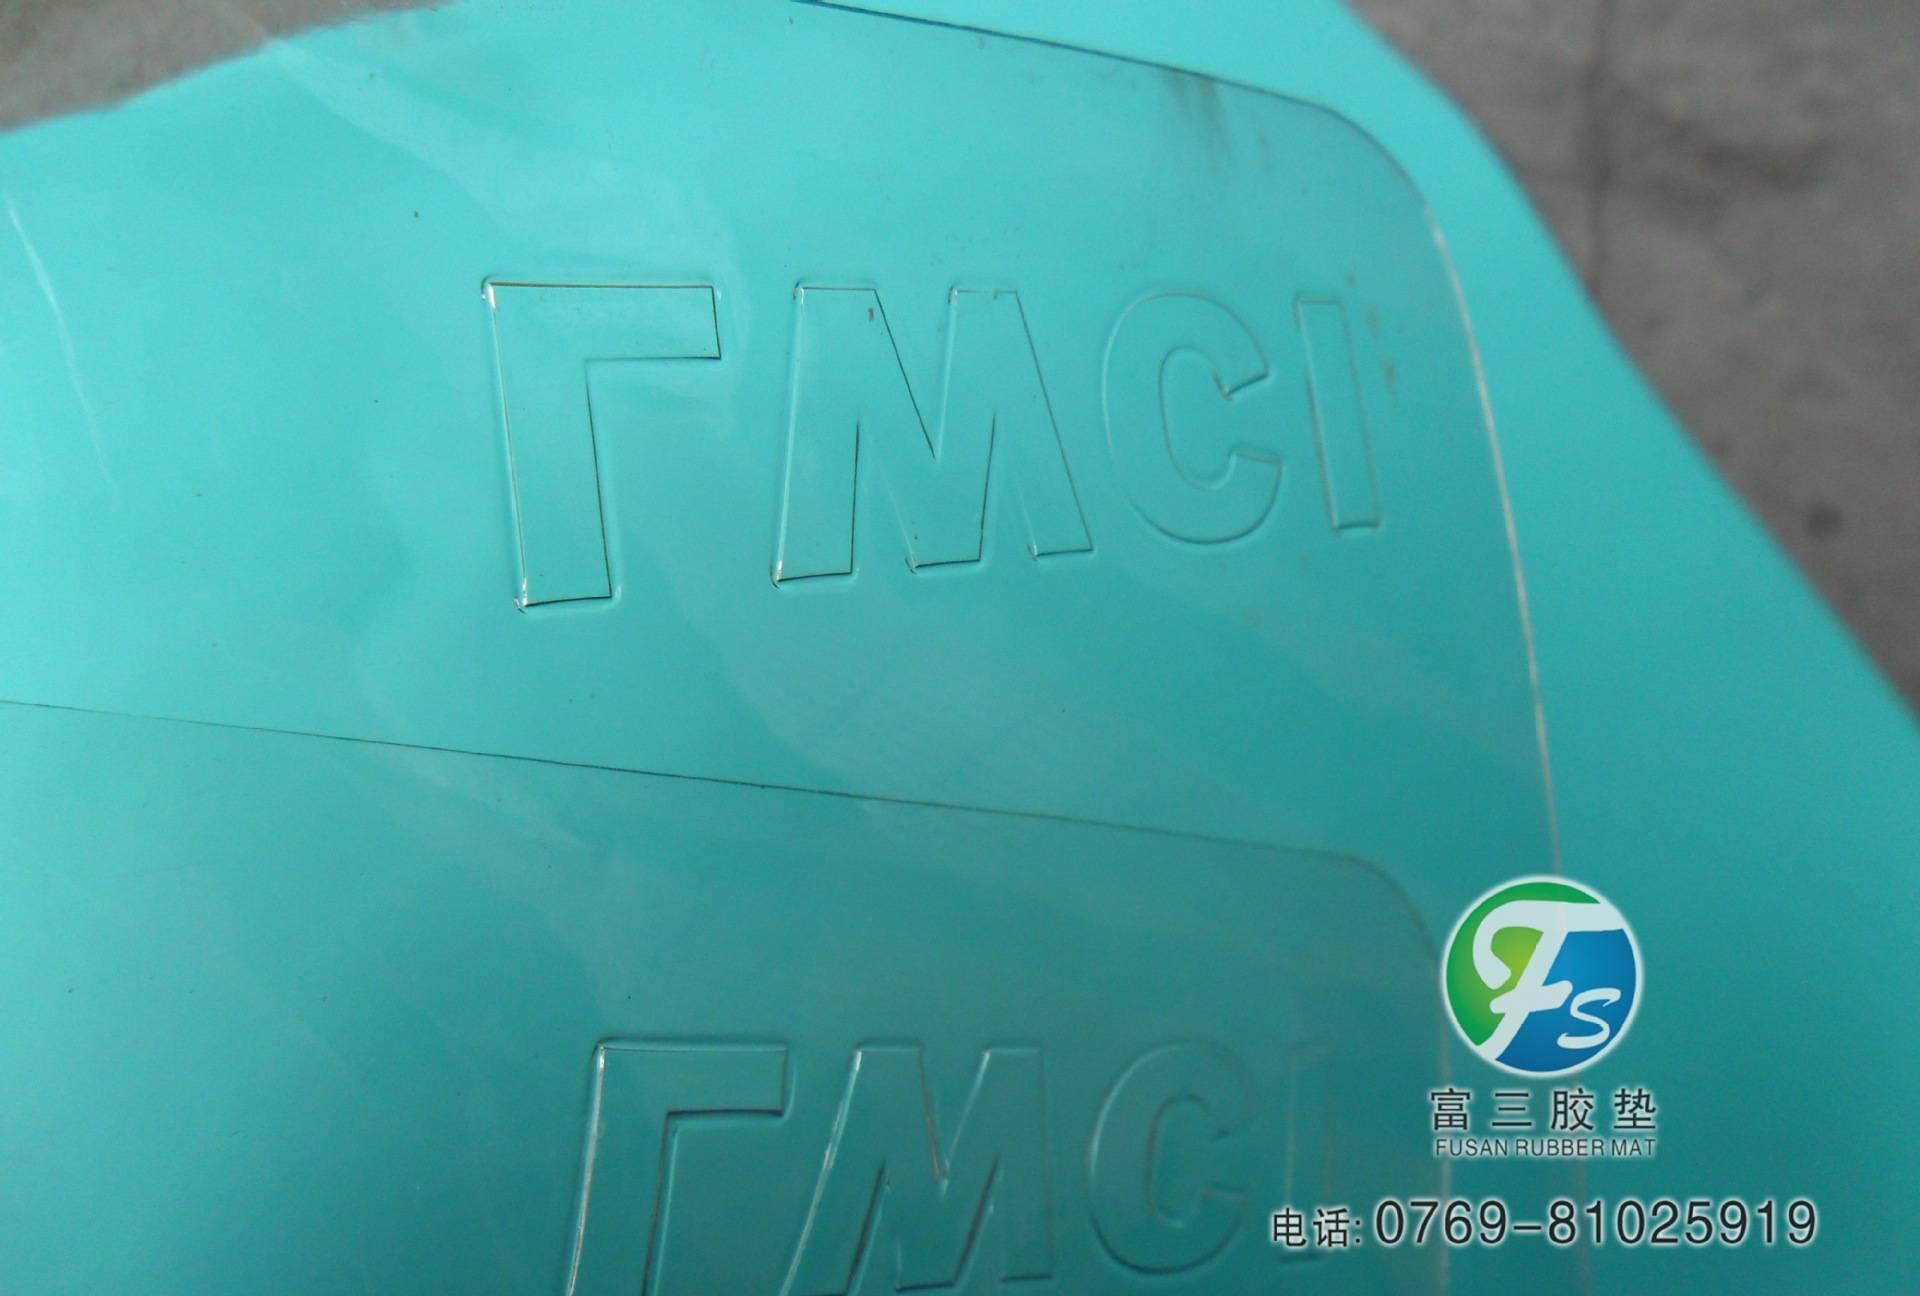 質量保證、防滑絲印印刷PVC墊片